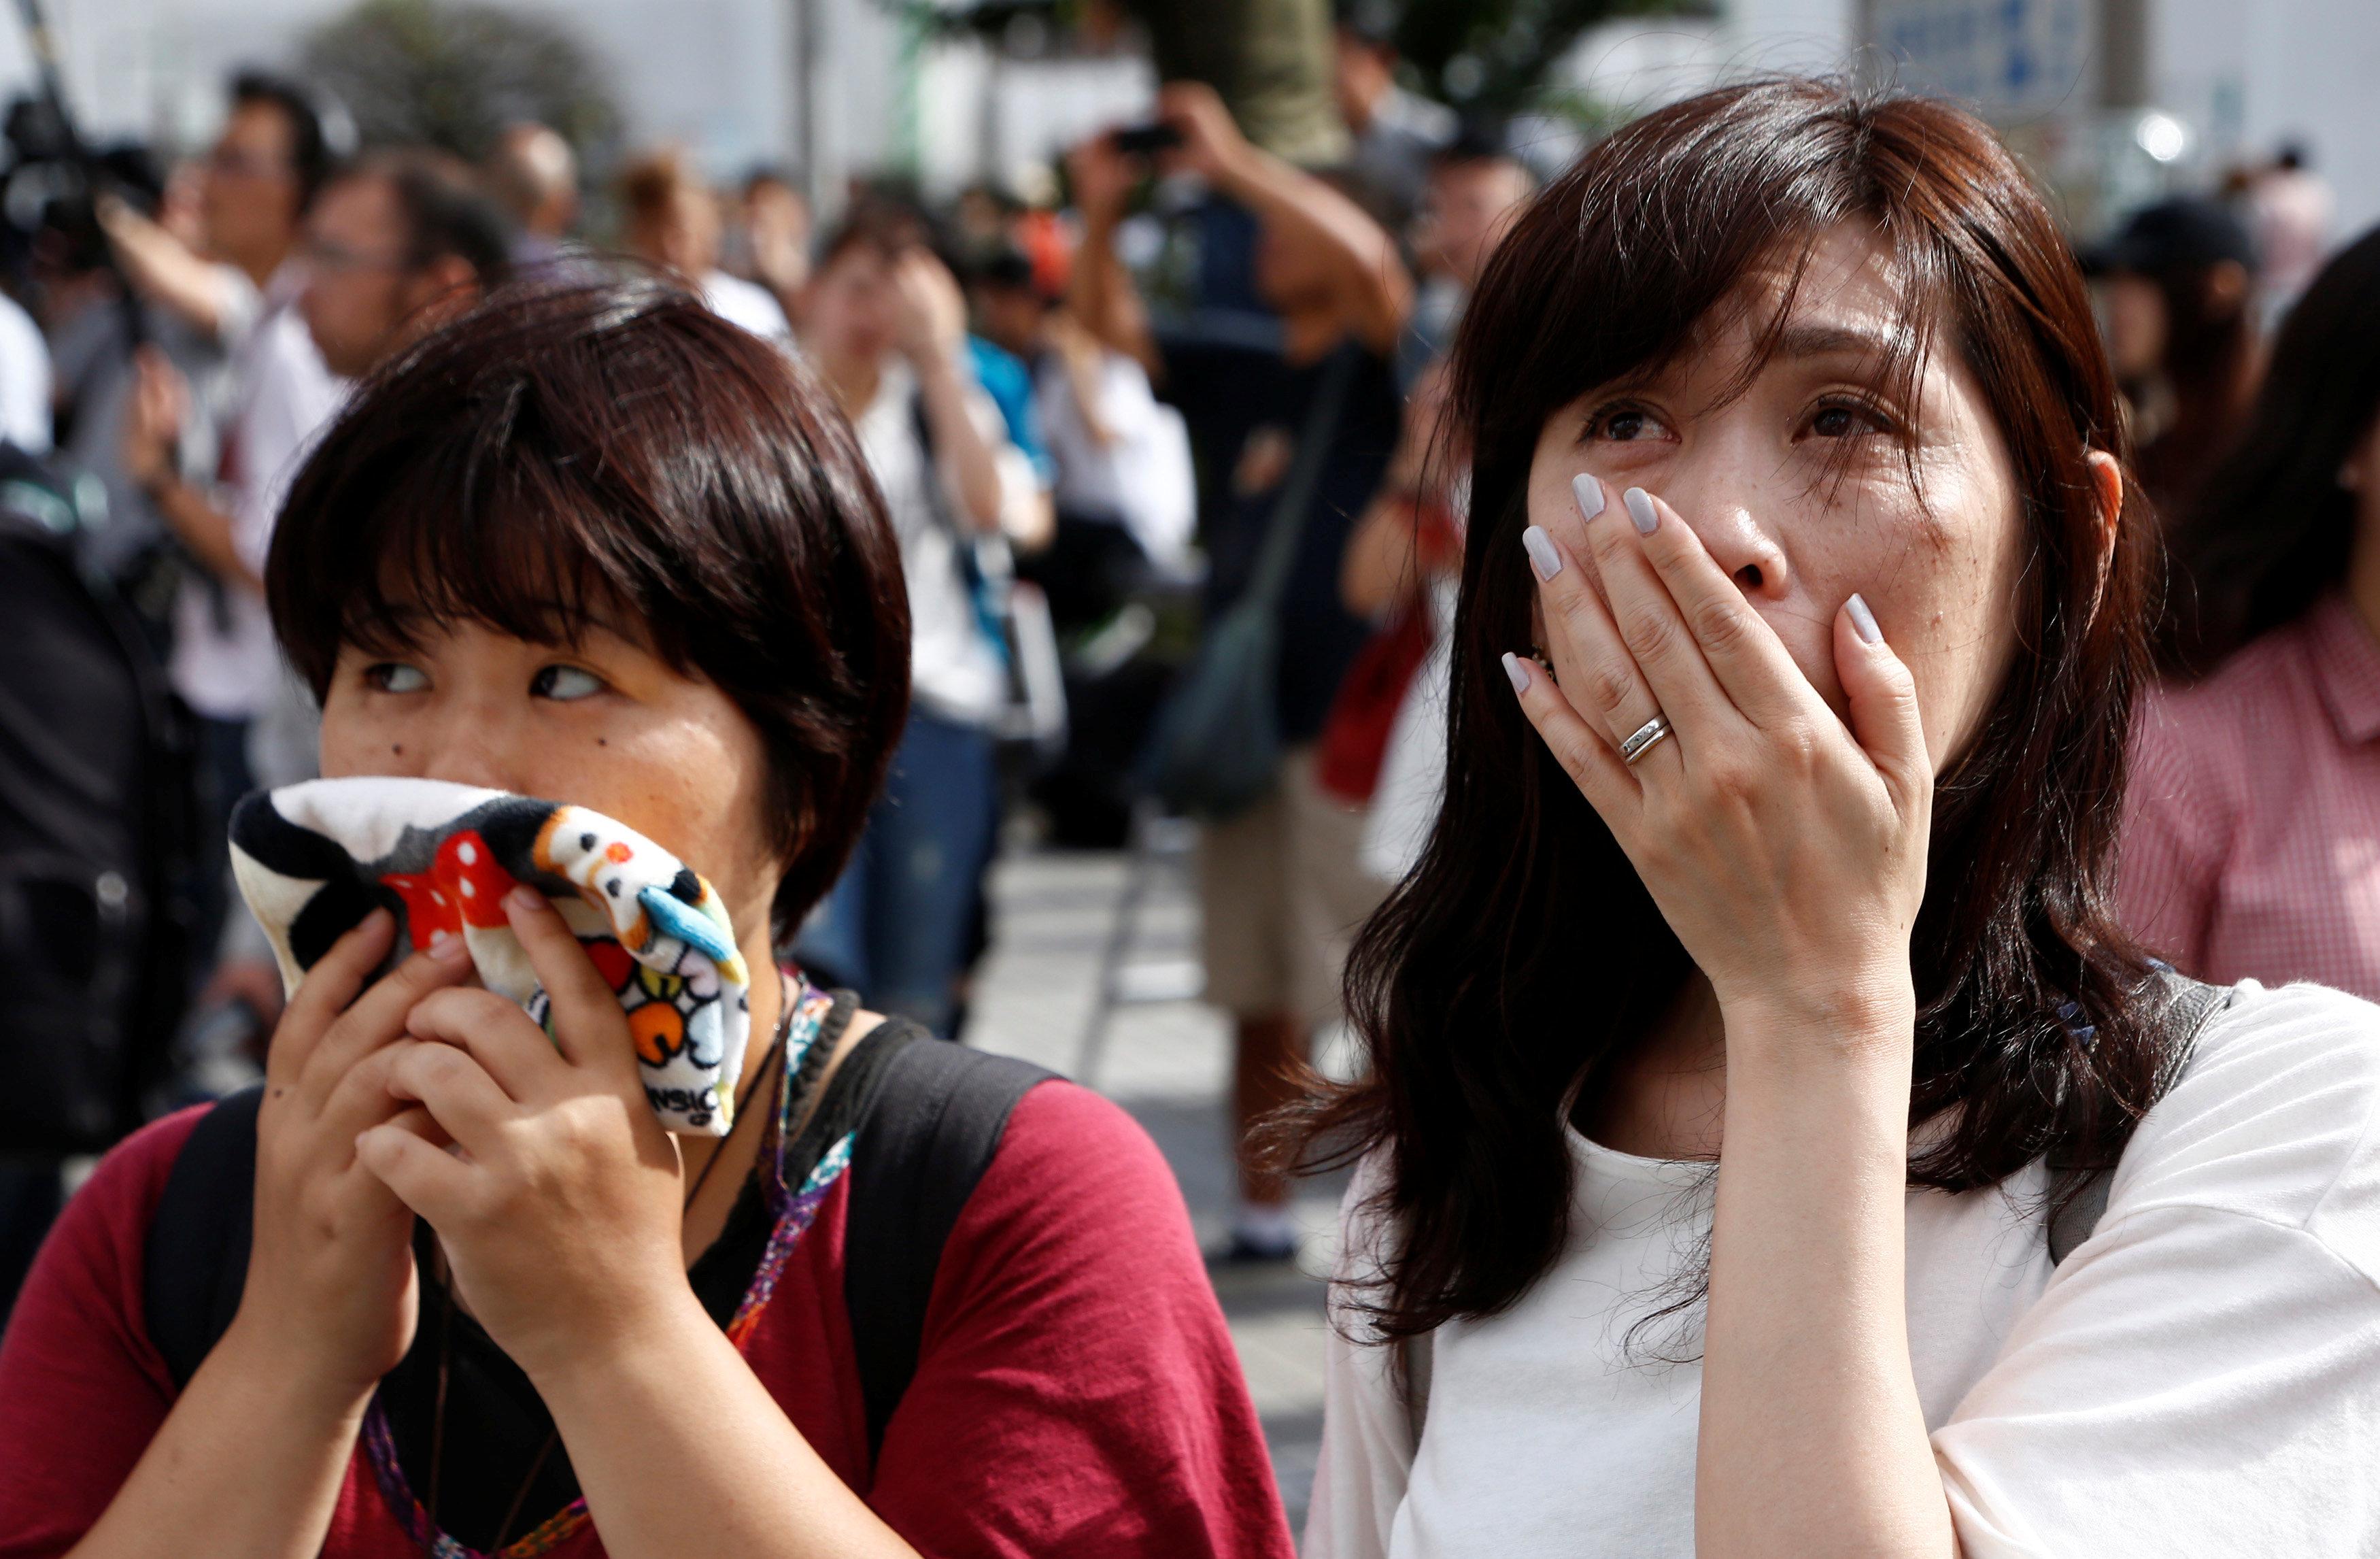 İmparator Akihito'nun açıklamasını dinleyen Japonlar gözyaşlarına engel olamadı.